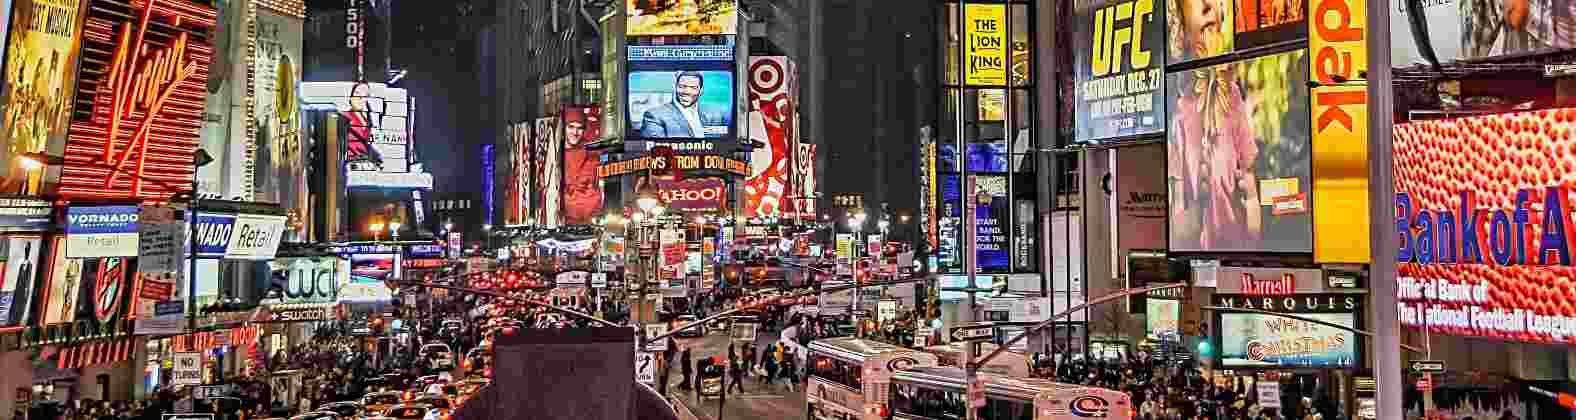 Times Square mit vielen Menschen und Werbedisplays